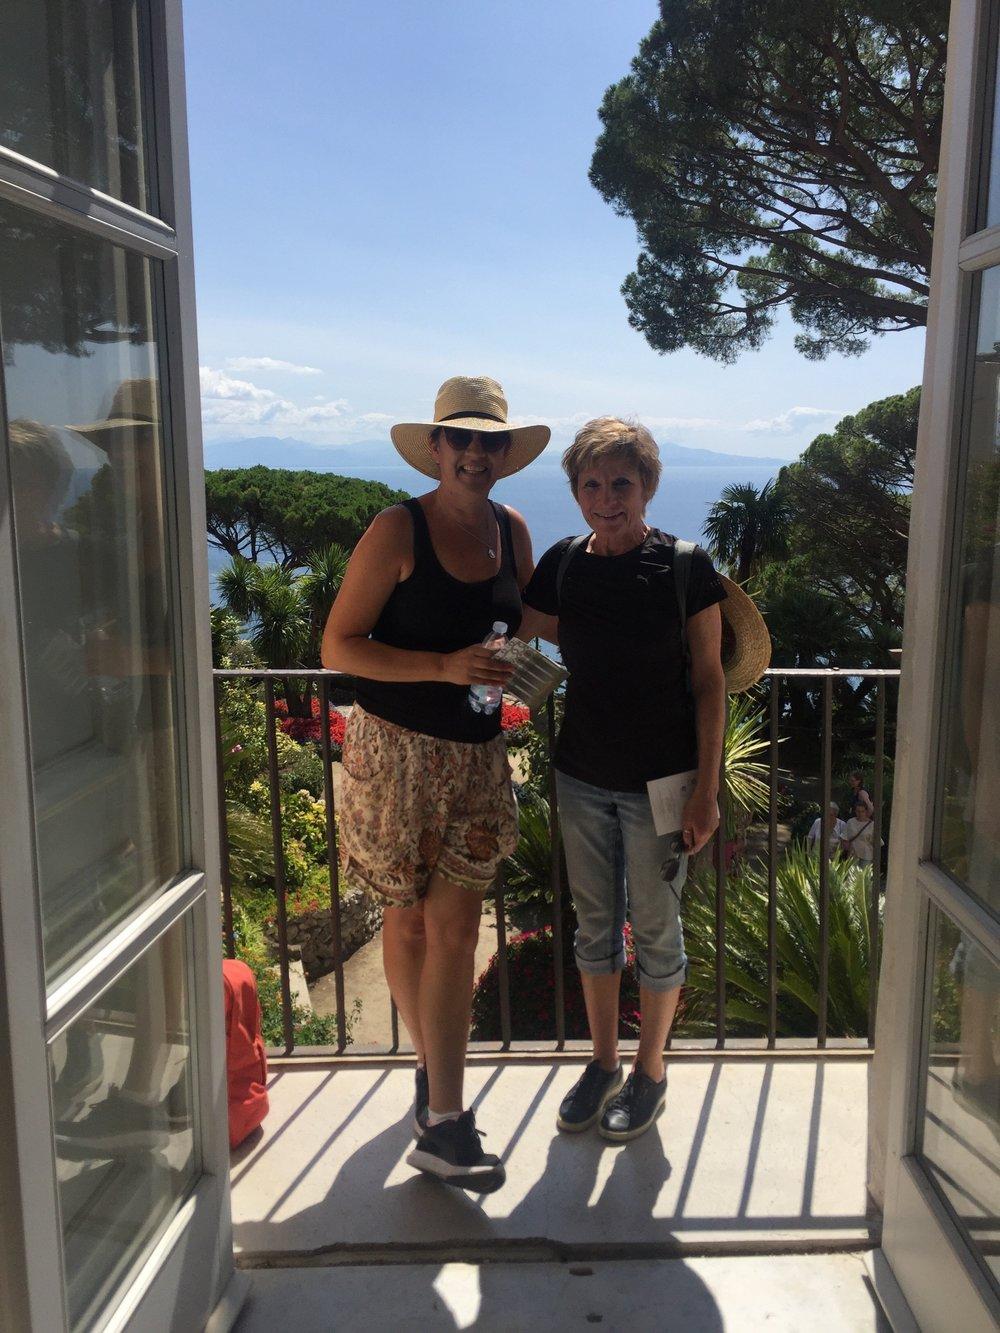 Positano, Italy - August 2018